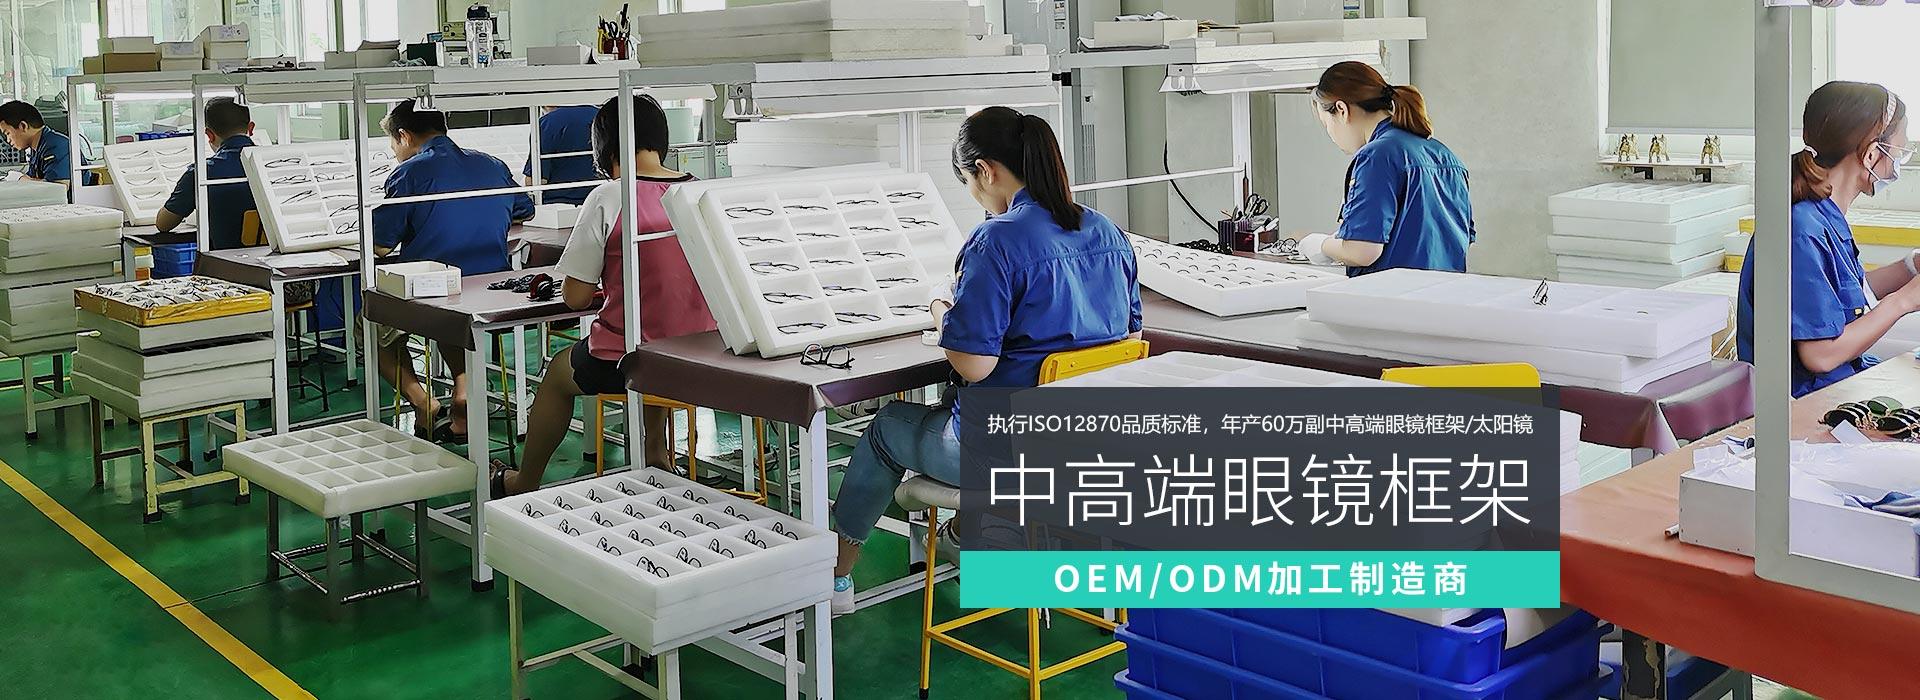 衍诚-眼镜框架OEM/ODM加工制造商